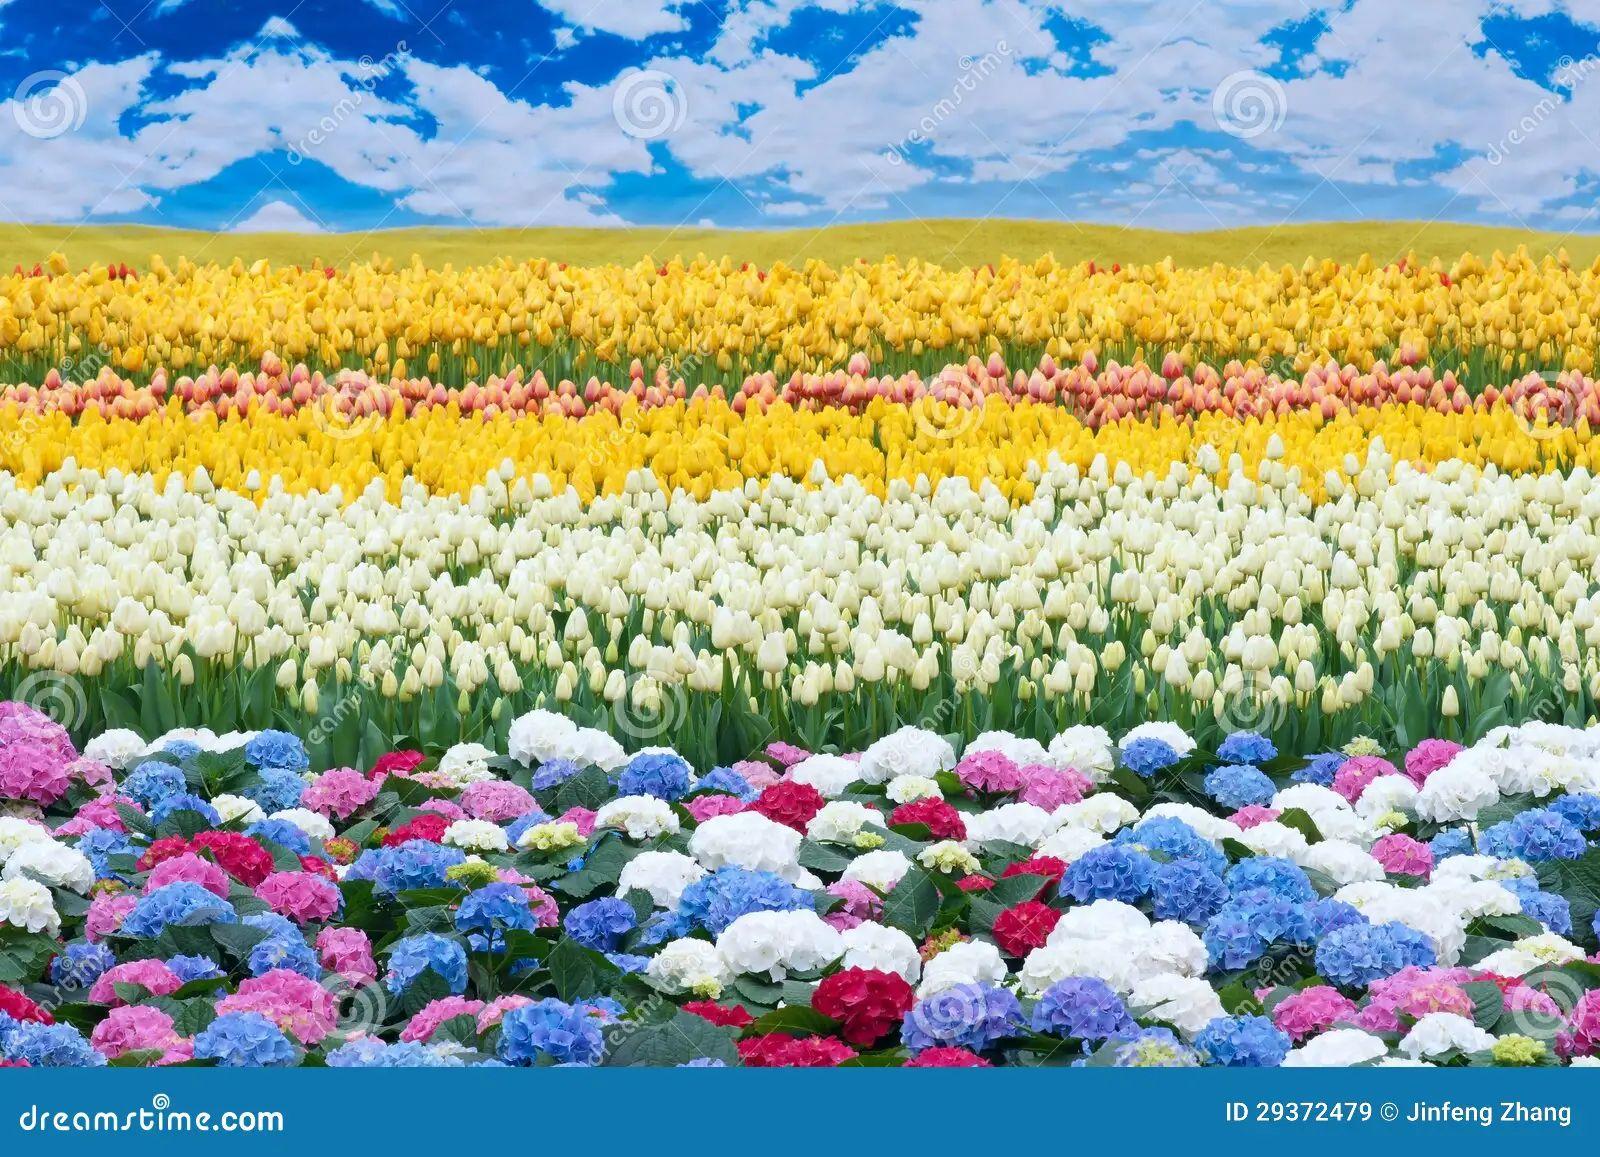 Flower scenery flower